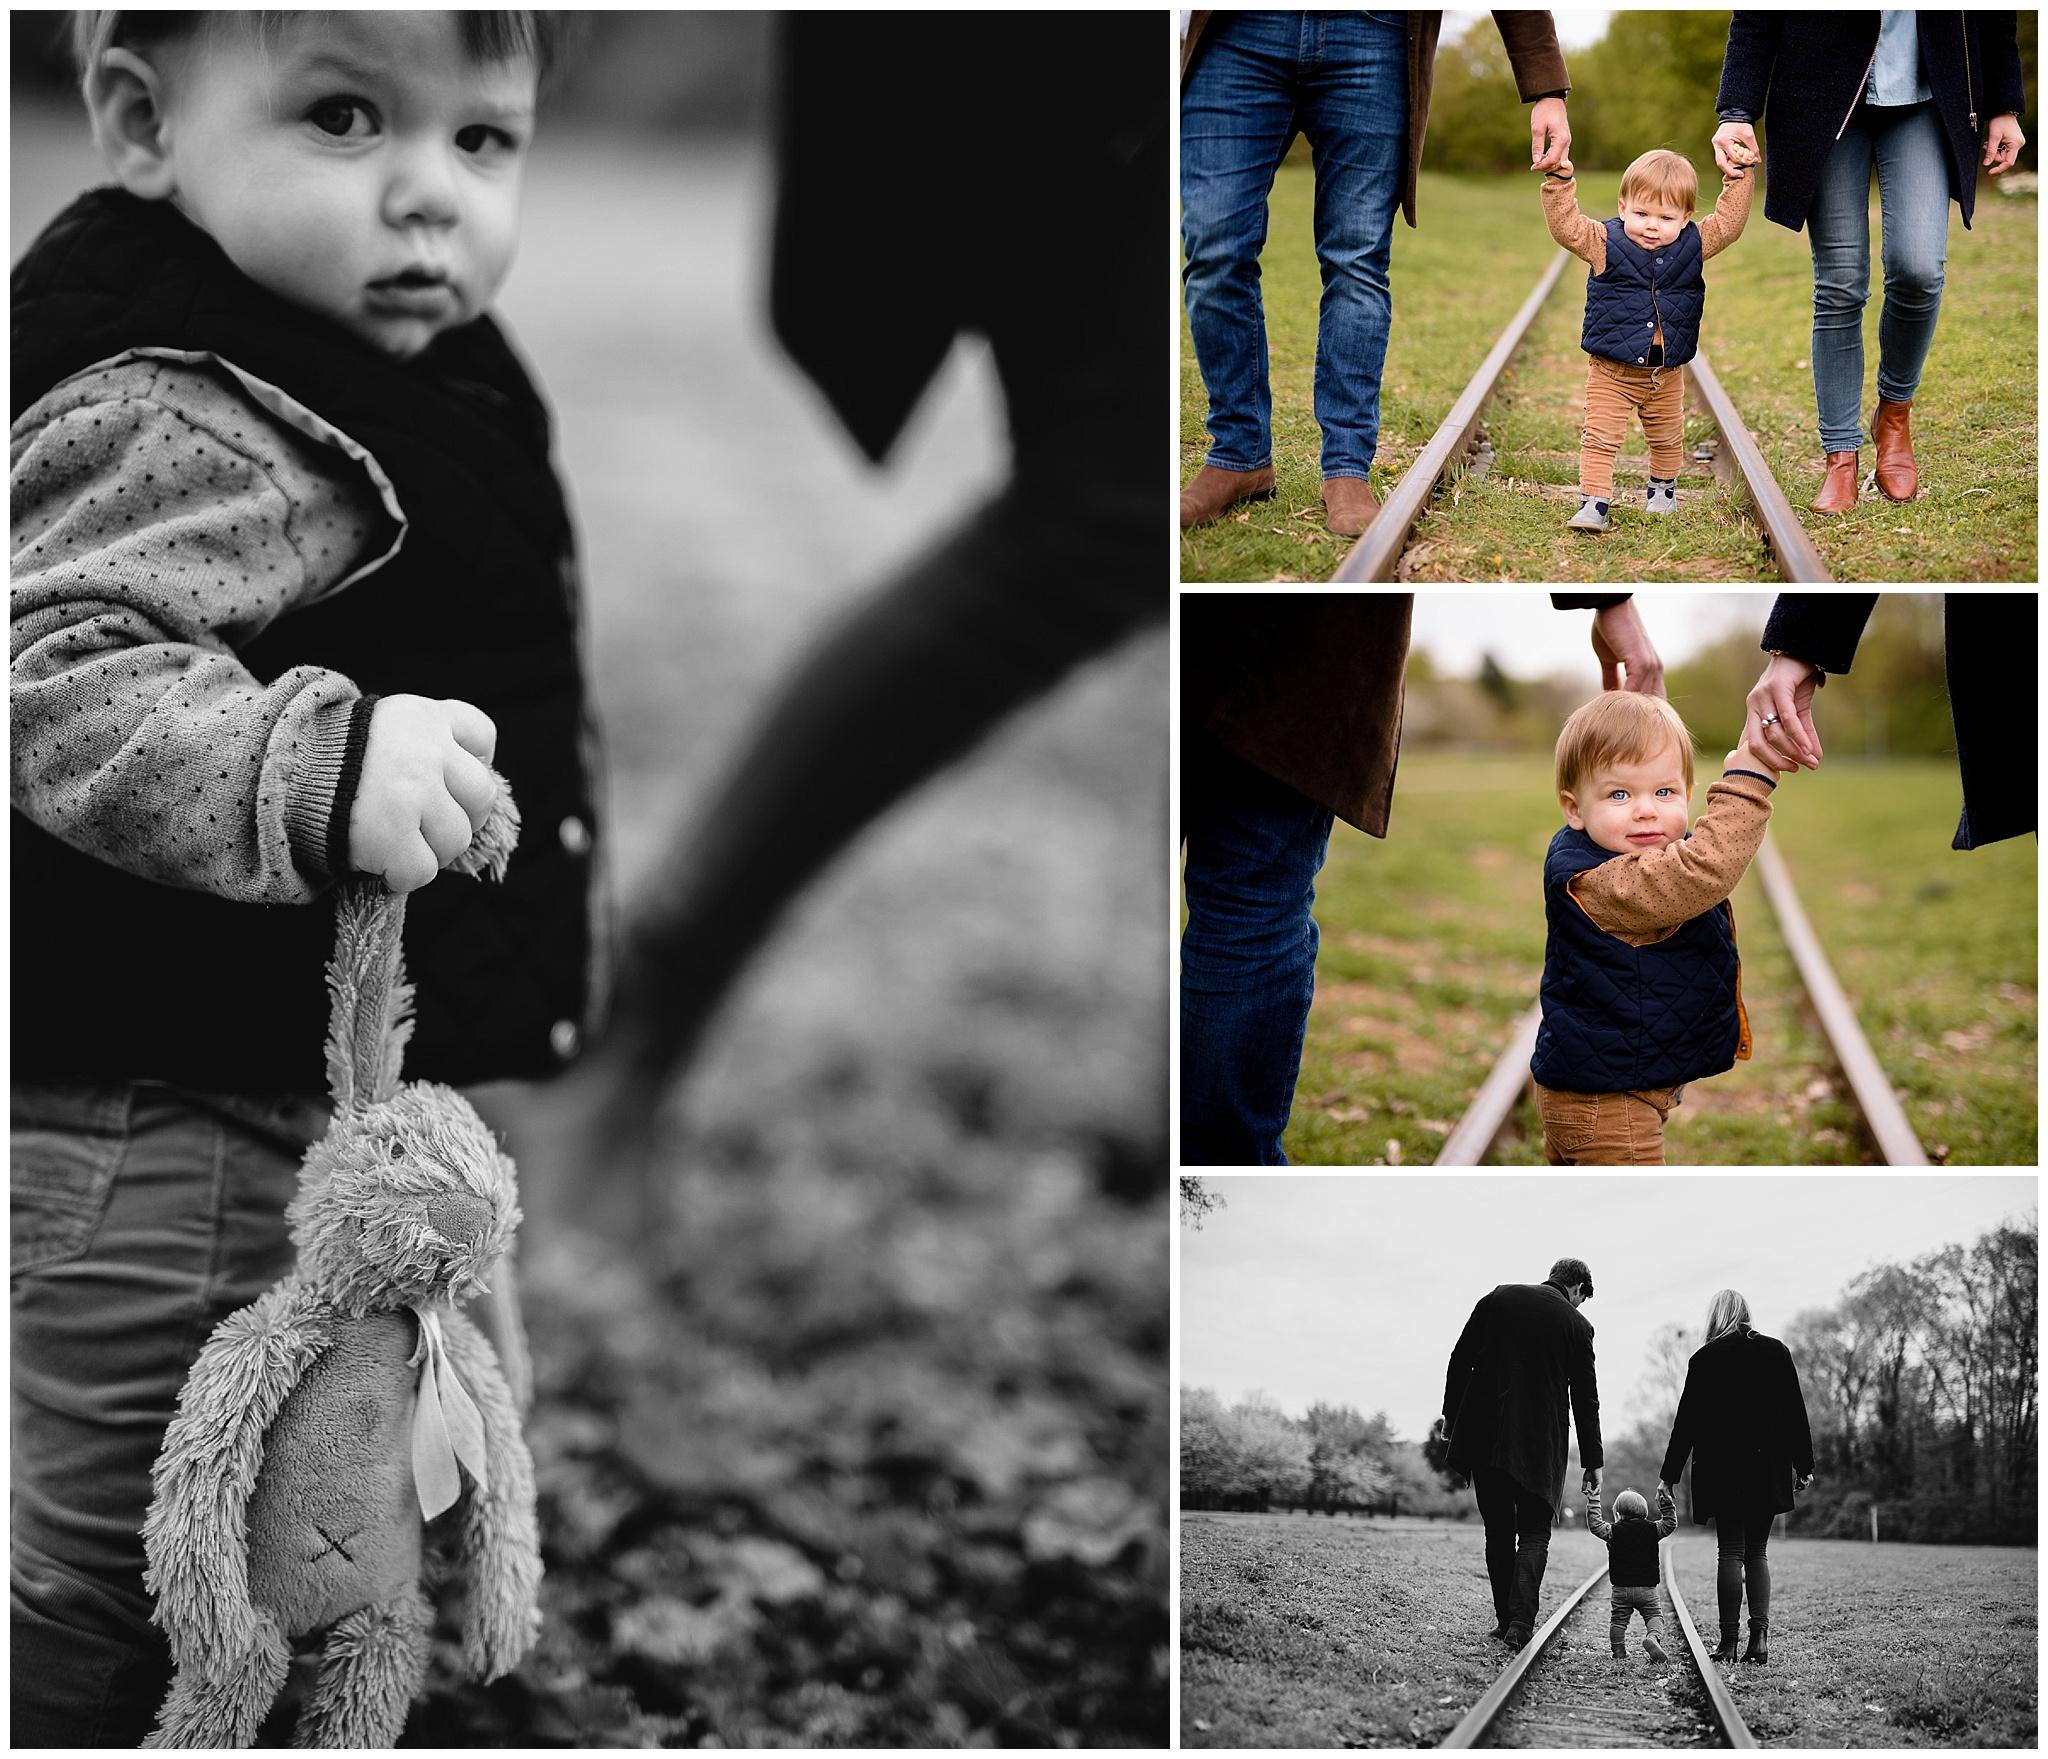 séance photo famille bébé Gennevilliers Ile-de-France Yvelines puteaux Hauts-de-Seine lifestyle 92 78 75